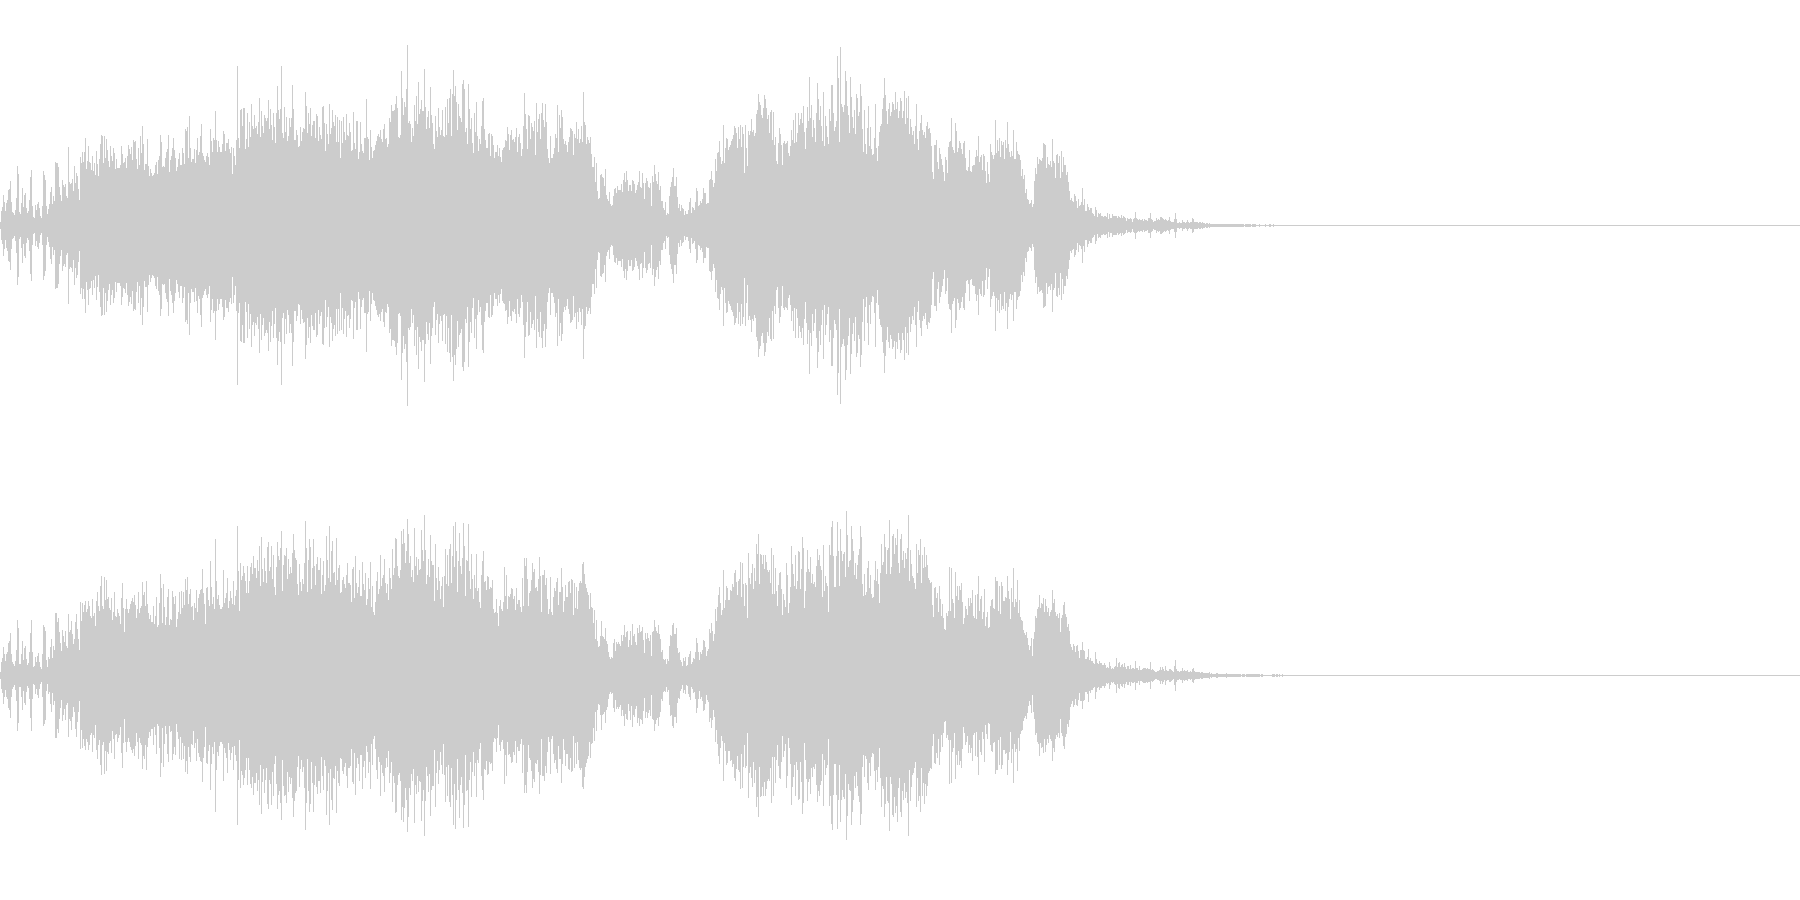 スパーク音-34の未再生の波形